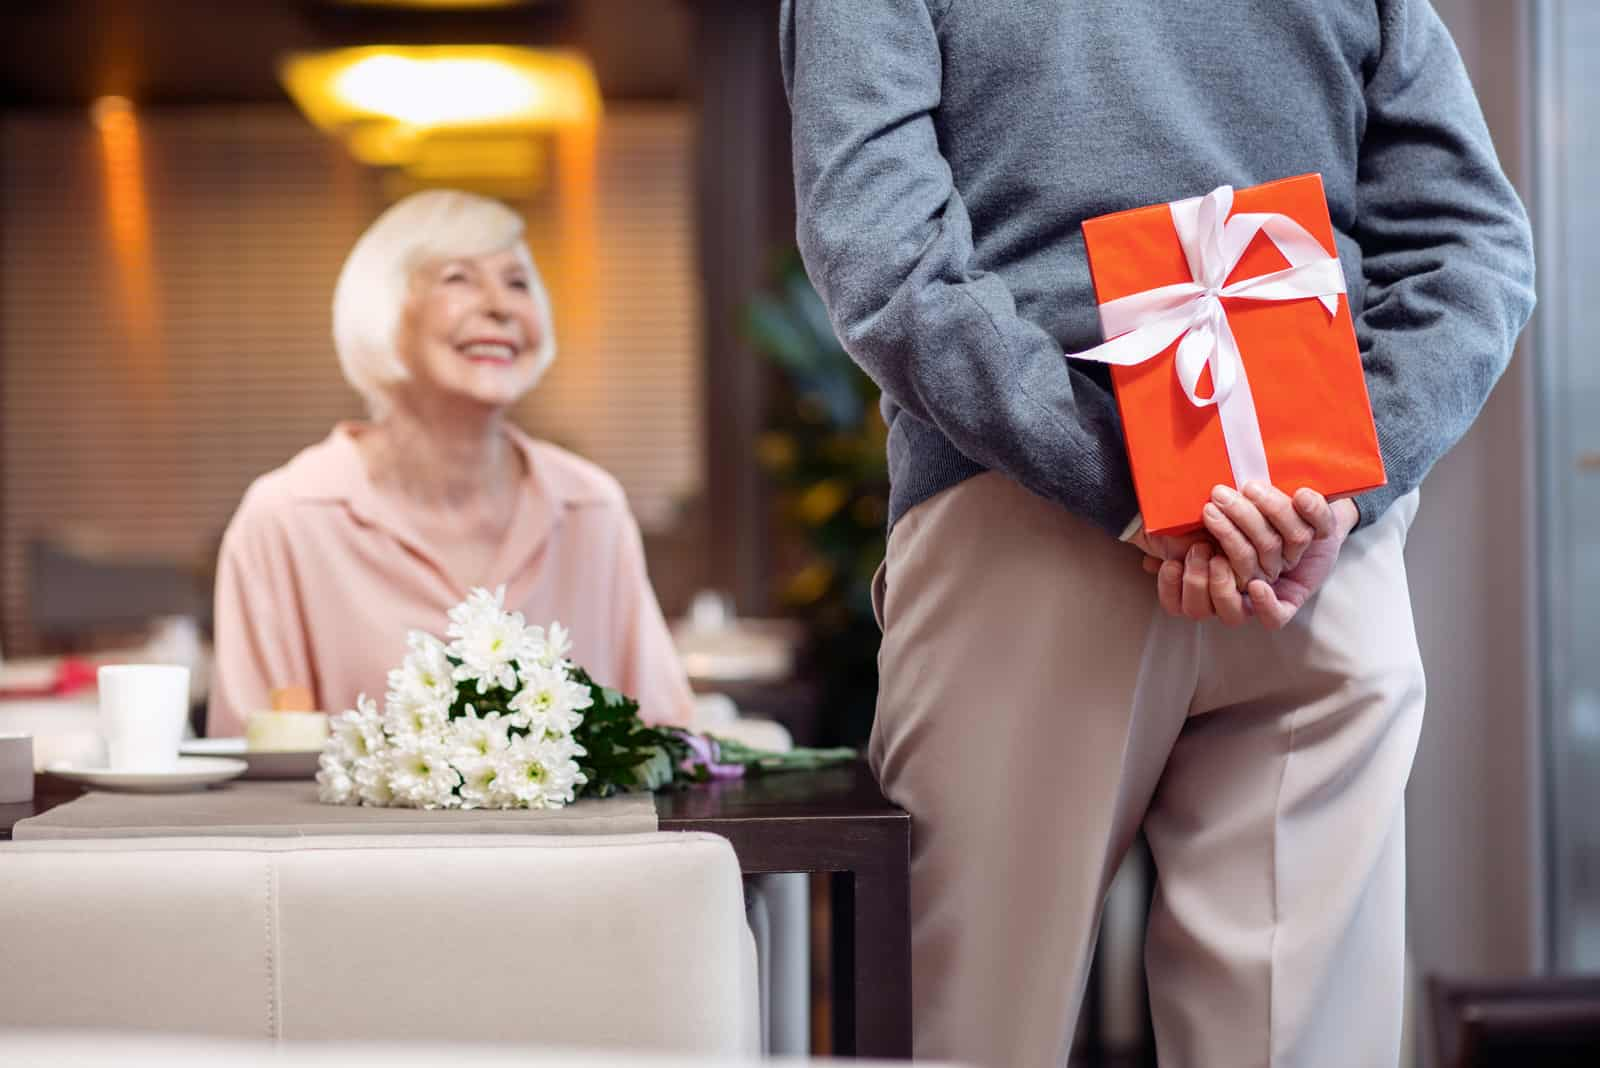 une femme assise à une table un homme veut la surprendre avec un cadeau